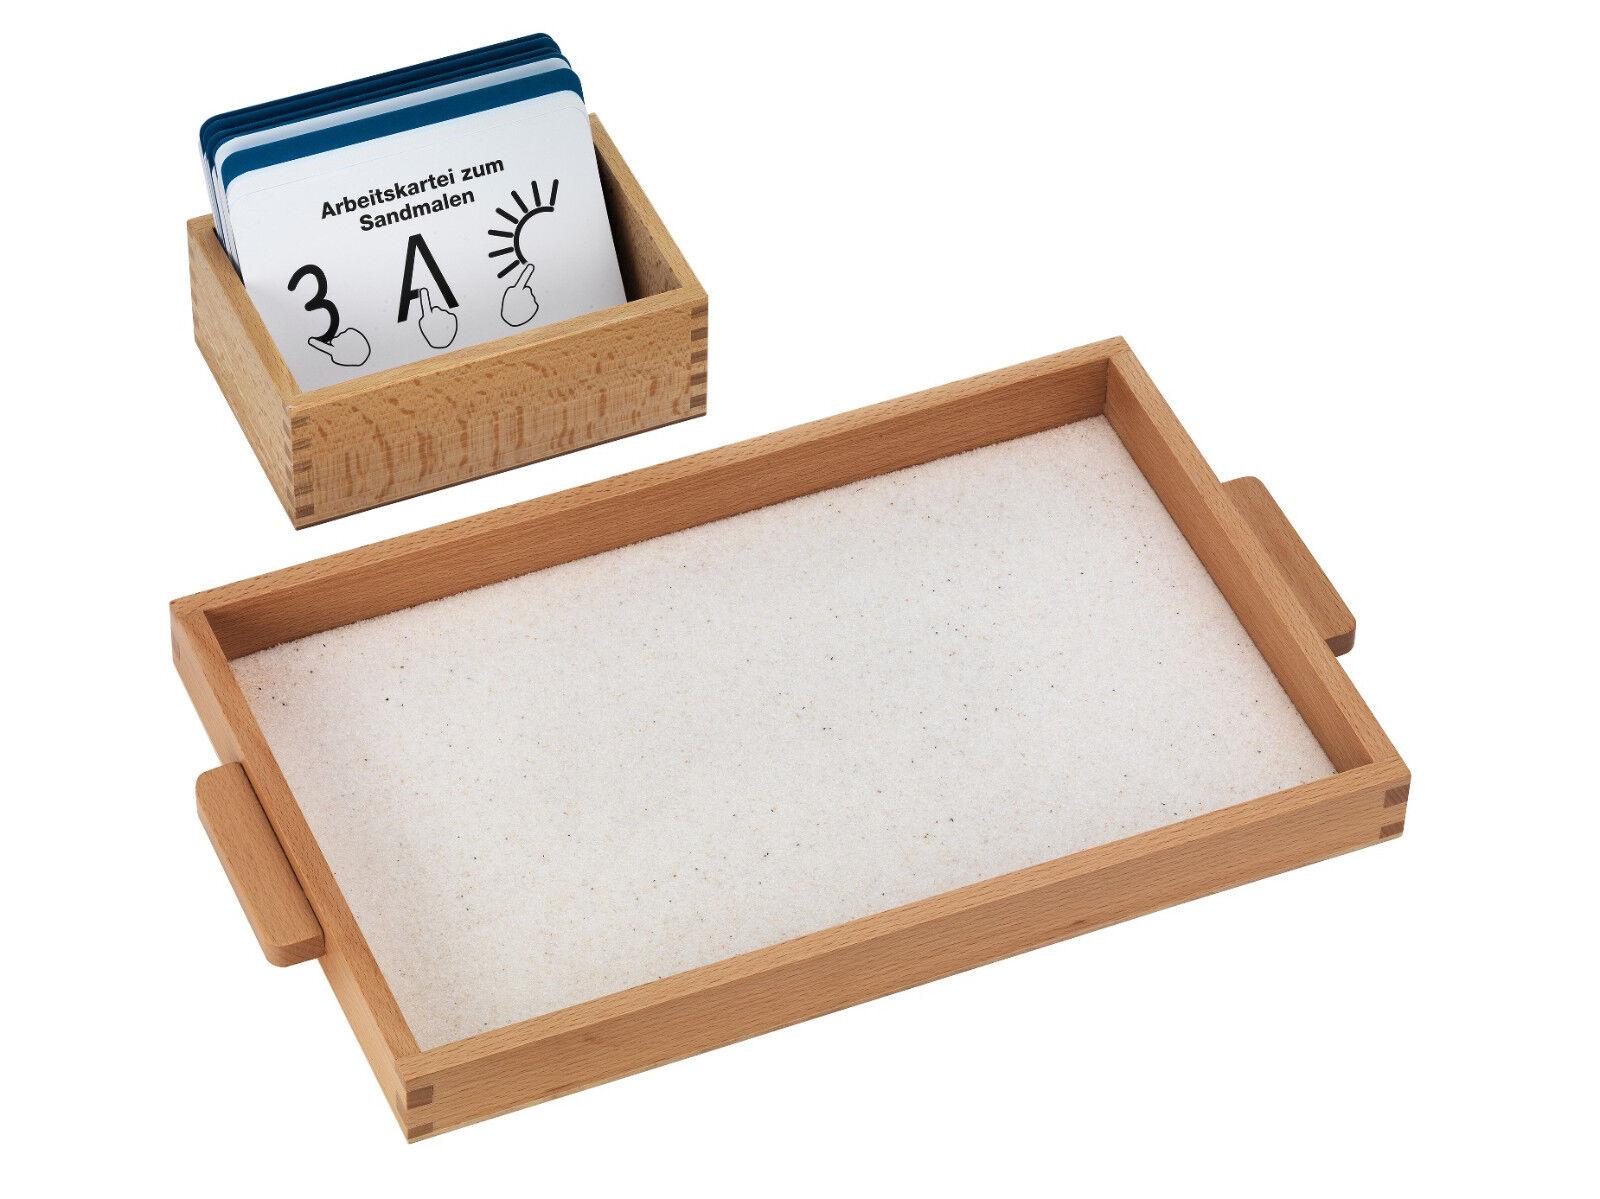 Perfekt Sandmalen mit Tablett Sand und großer Arbeitskartei Montessori-Material